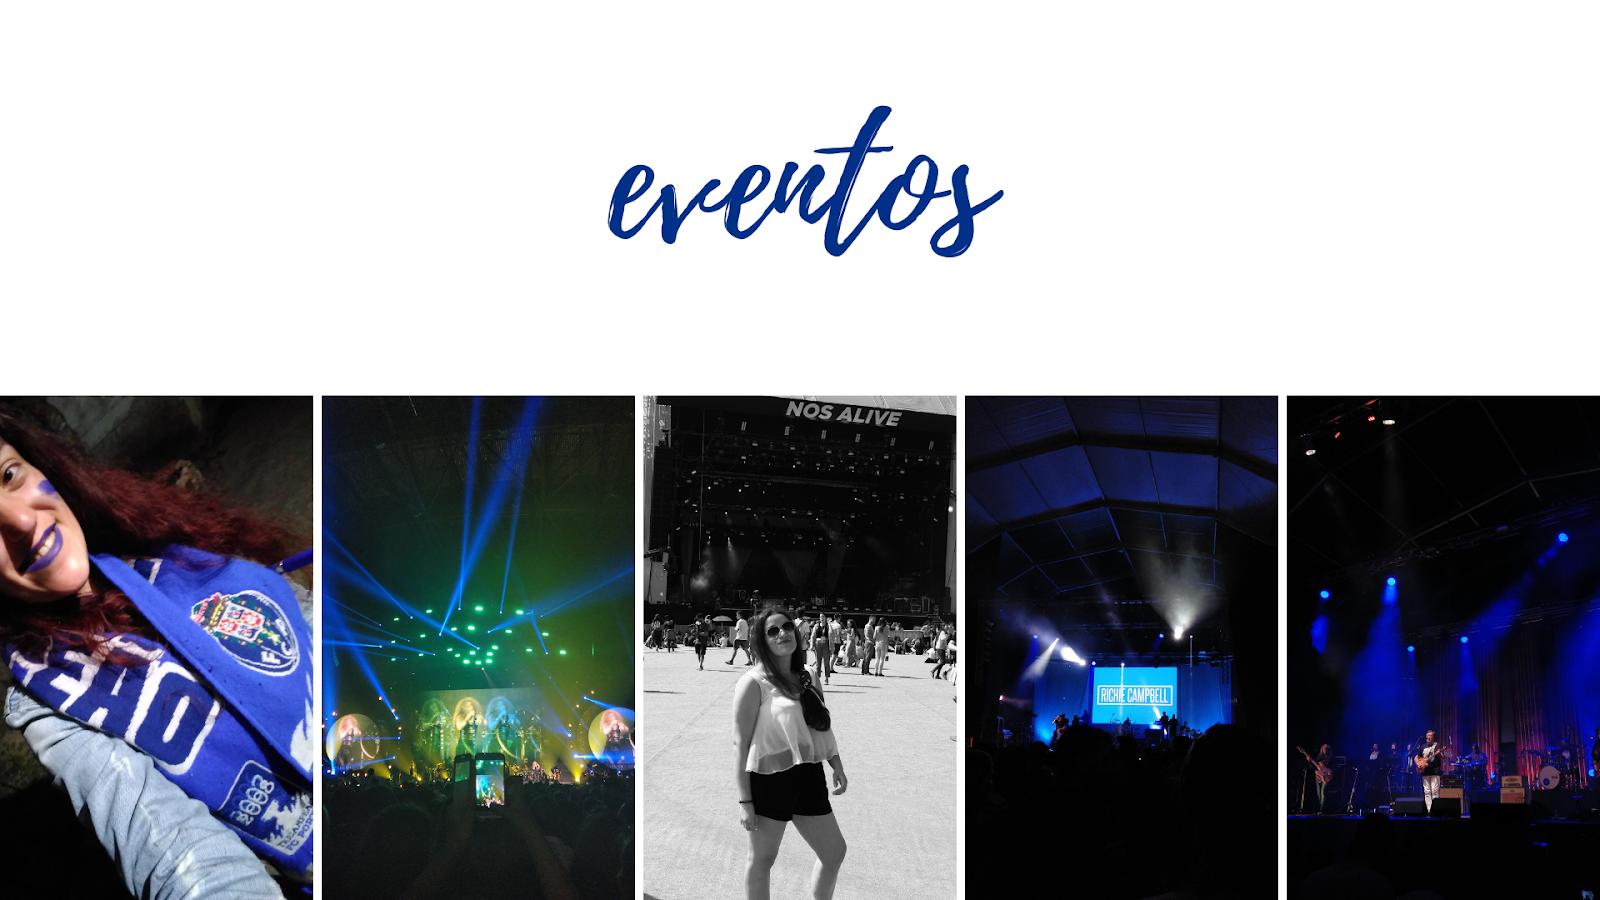 favoritos 2018 - eventos